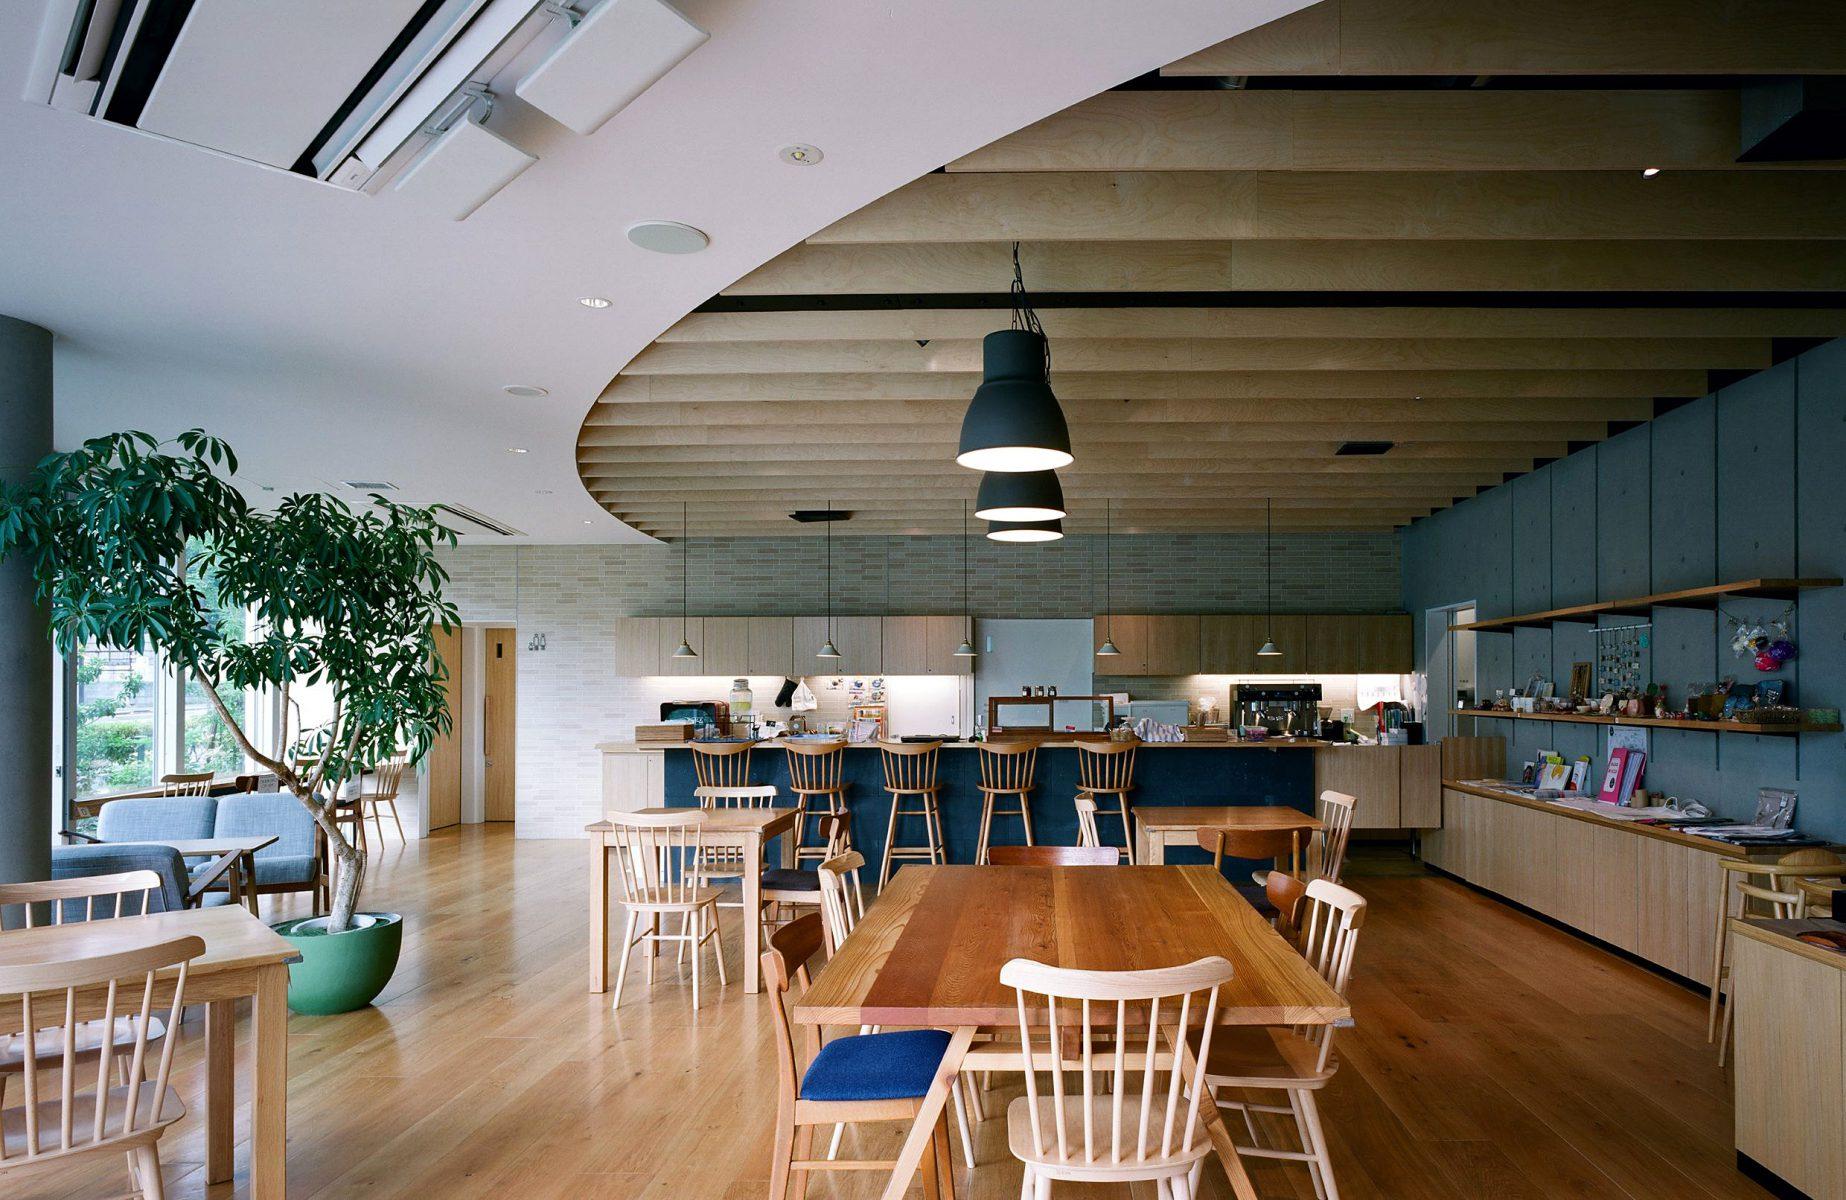 C棟の地域に開かれたカフェ